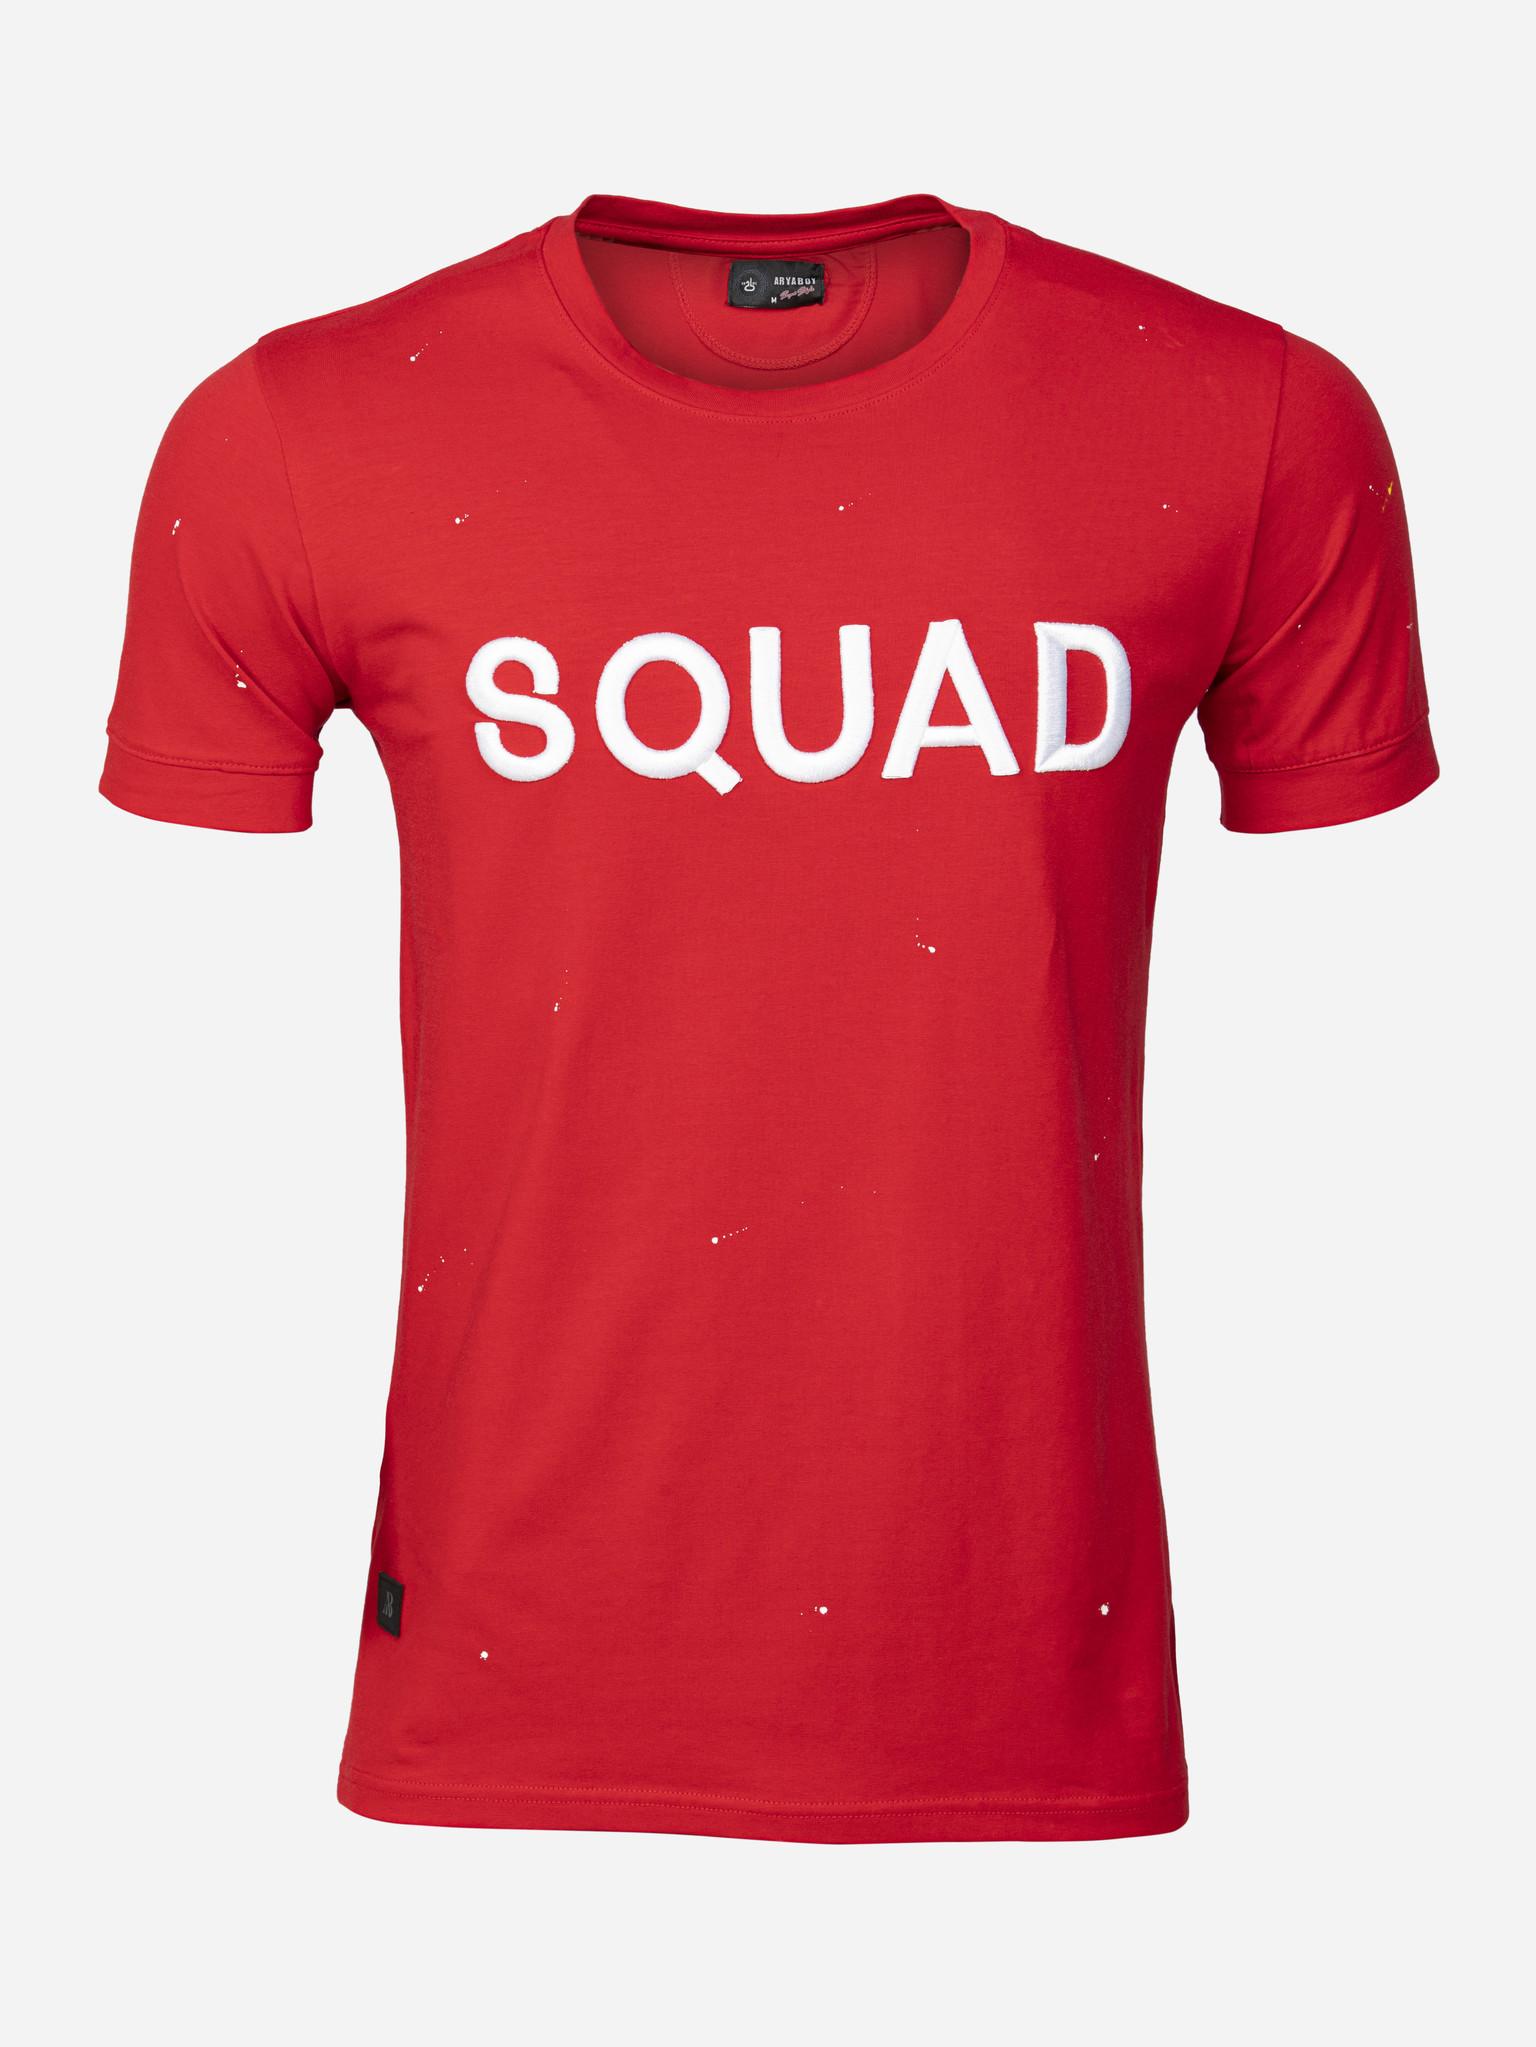 Wam Denim T-Shirt Boudry  Red Maat: L